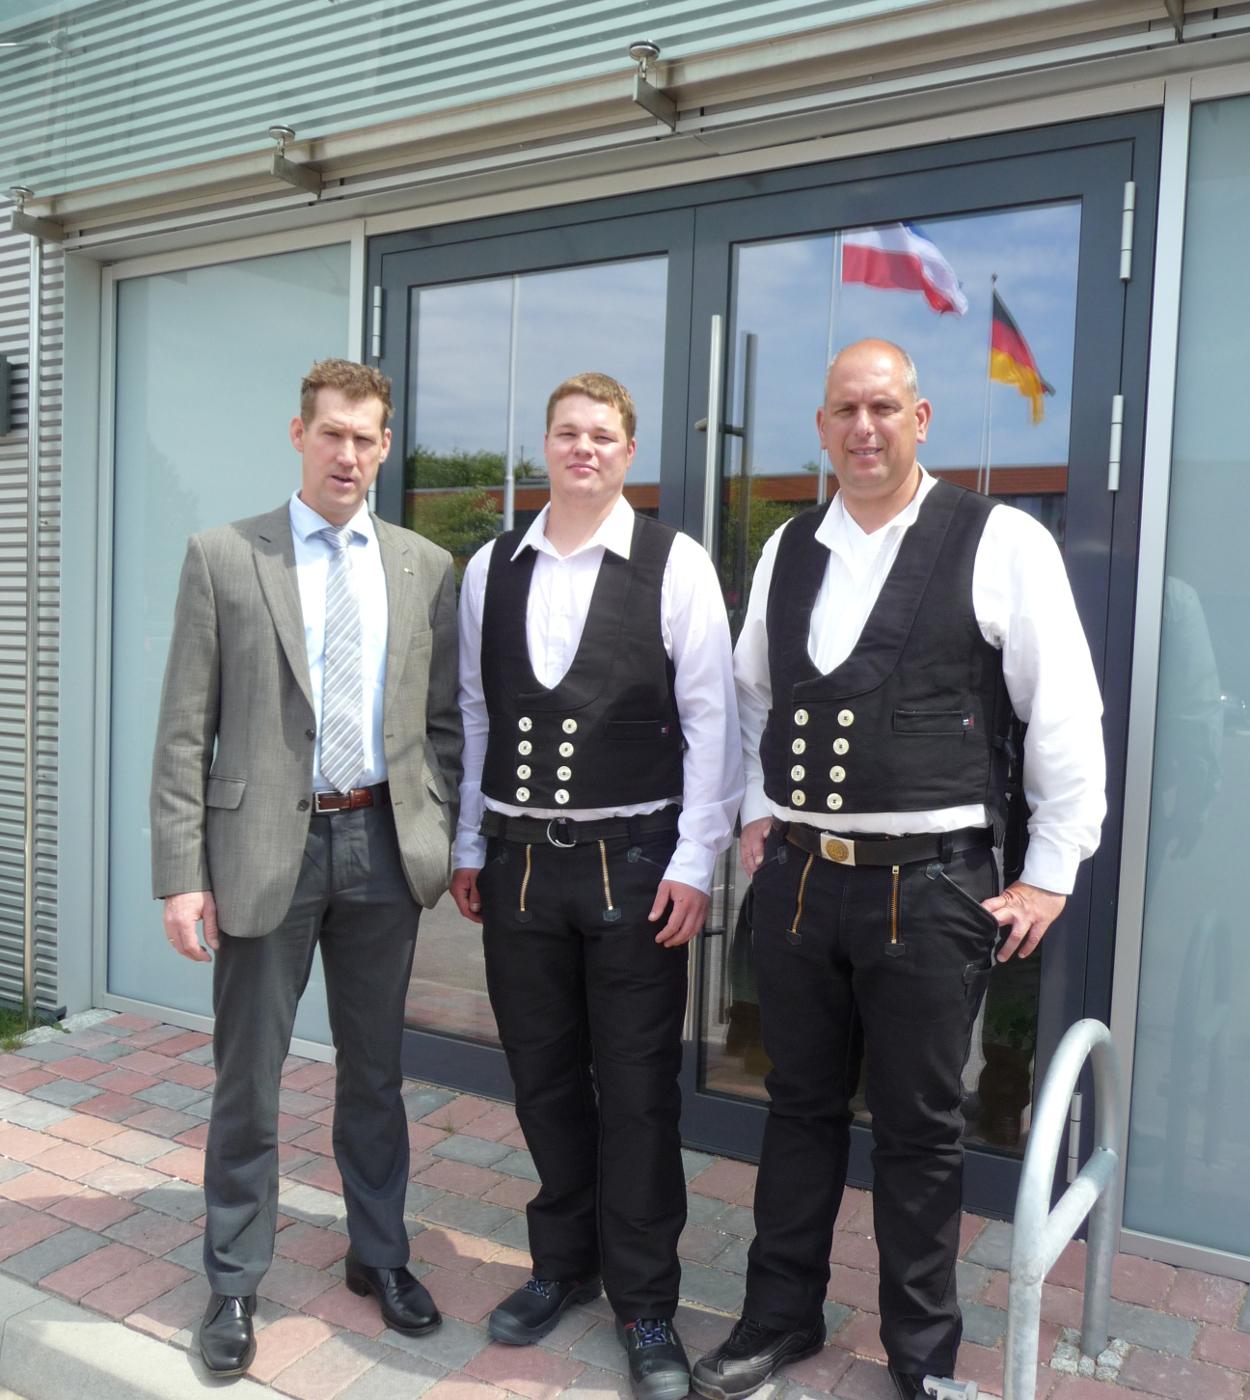 Freisprechungsfeier im Ausbildungszentrum der Bauindustrie SH/HH in Ahrensbök